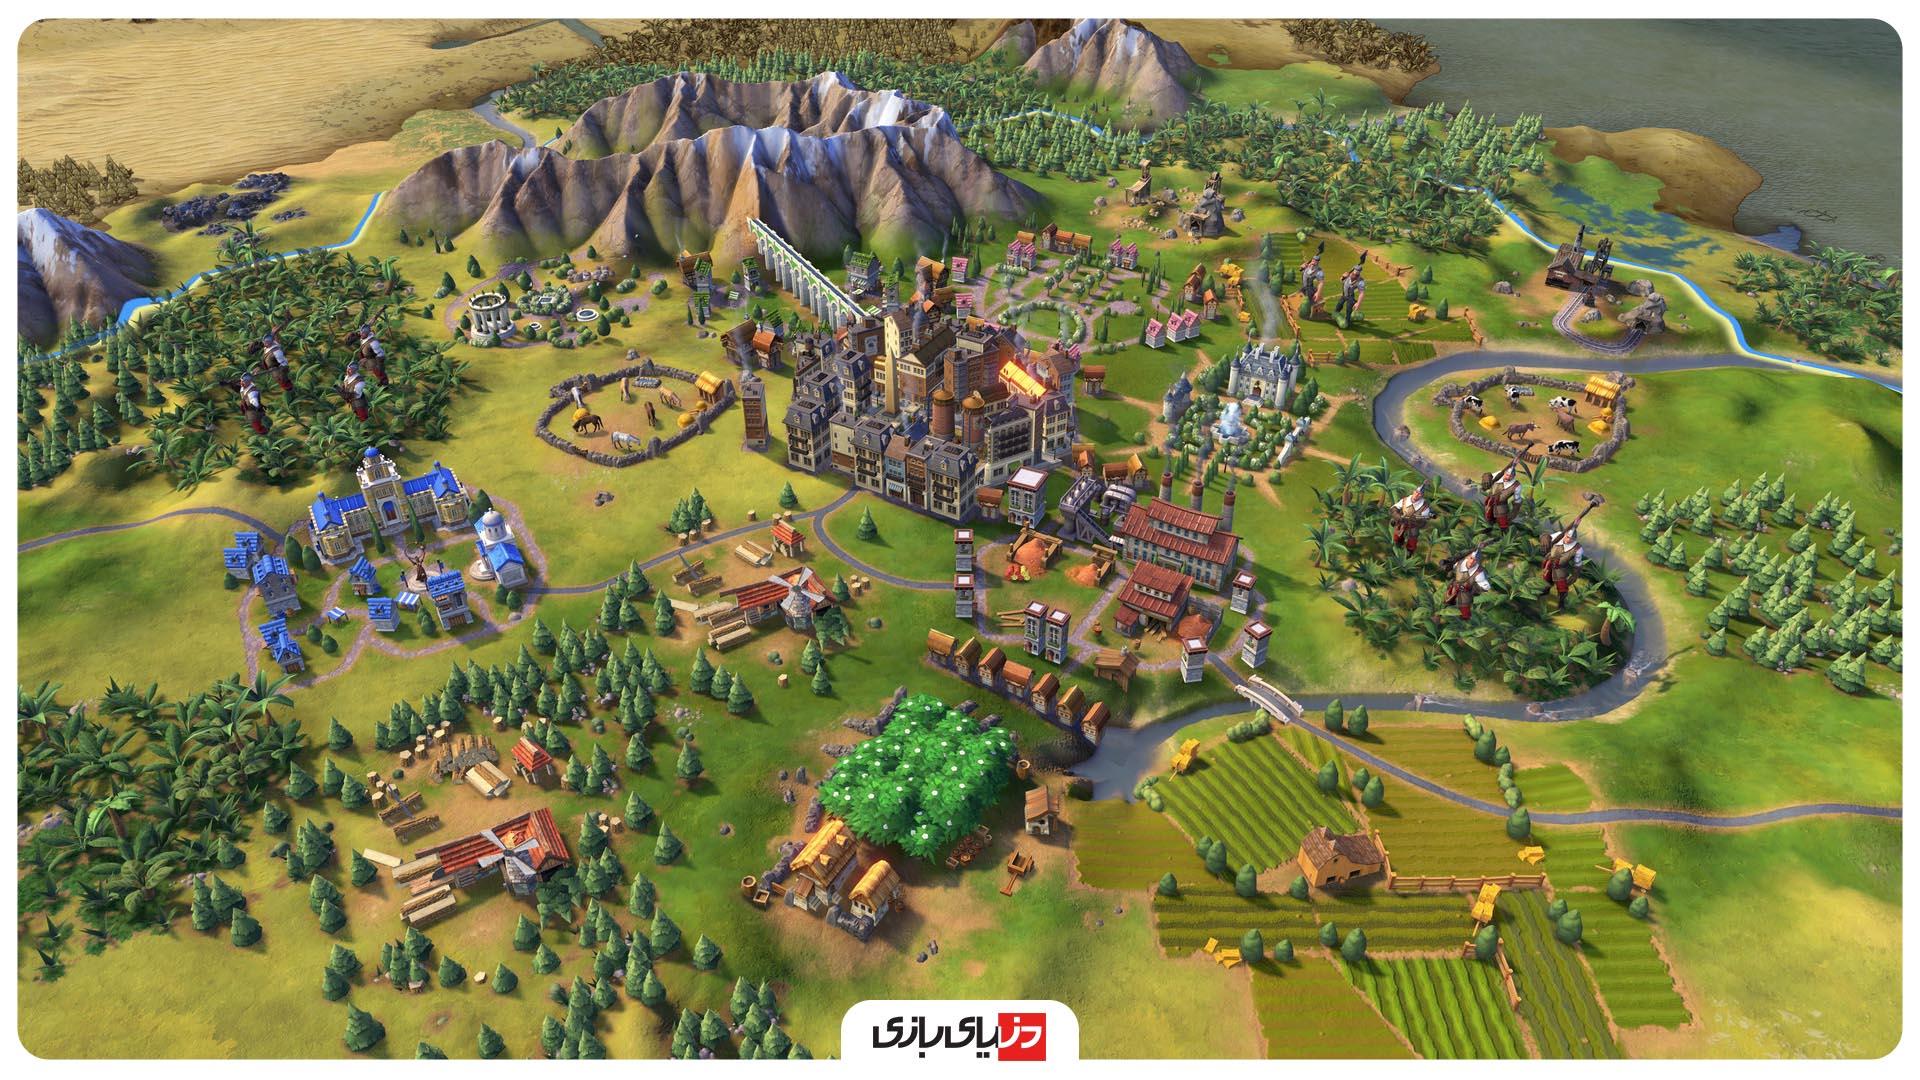 بازی Sid Meier's Civilization VI